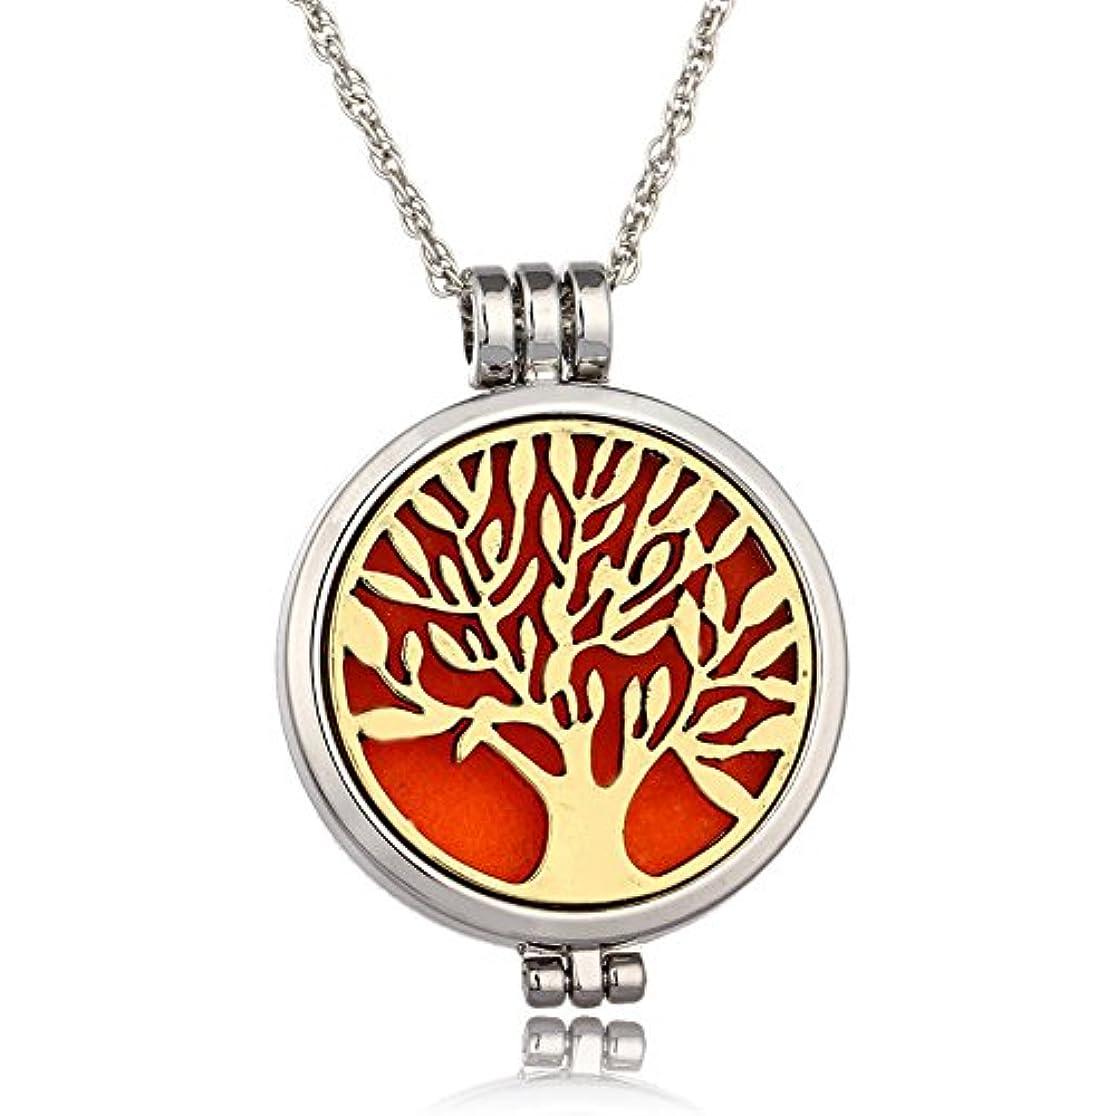 対称カウントアップ理容師Tree of Life 316lステンレススチールEssential Oil Diffuserロケットペンダントネックレス